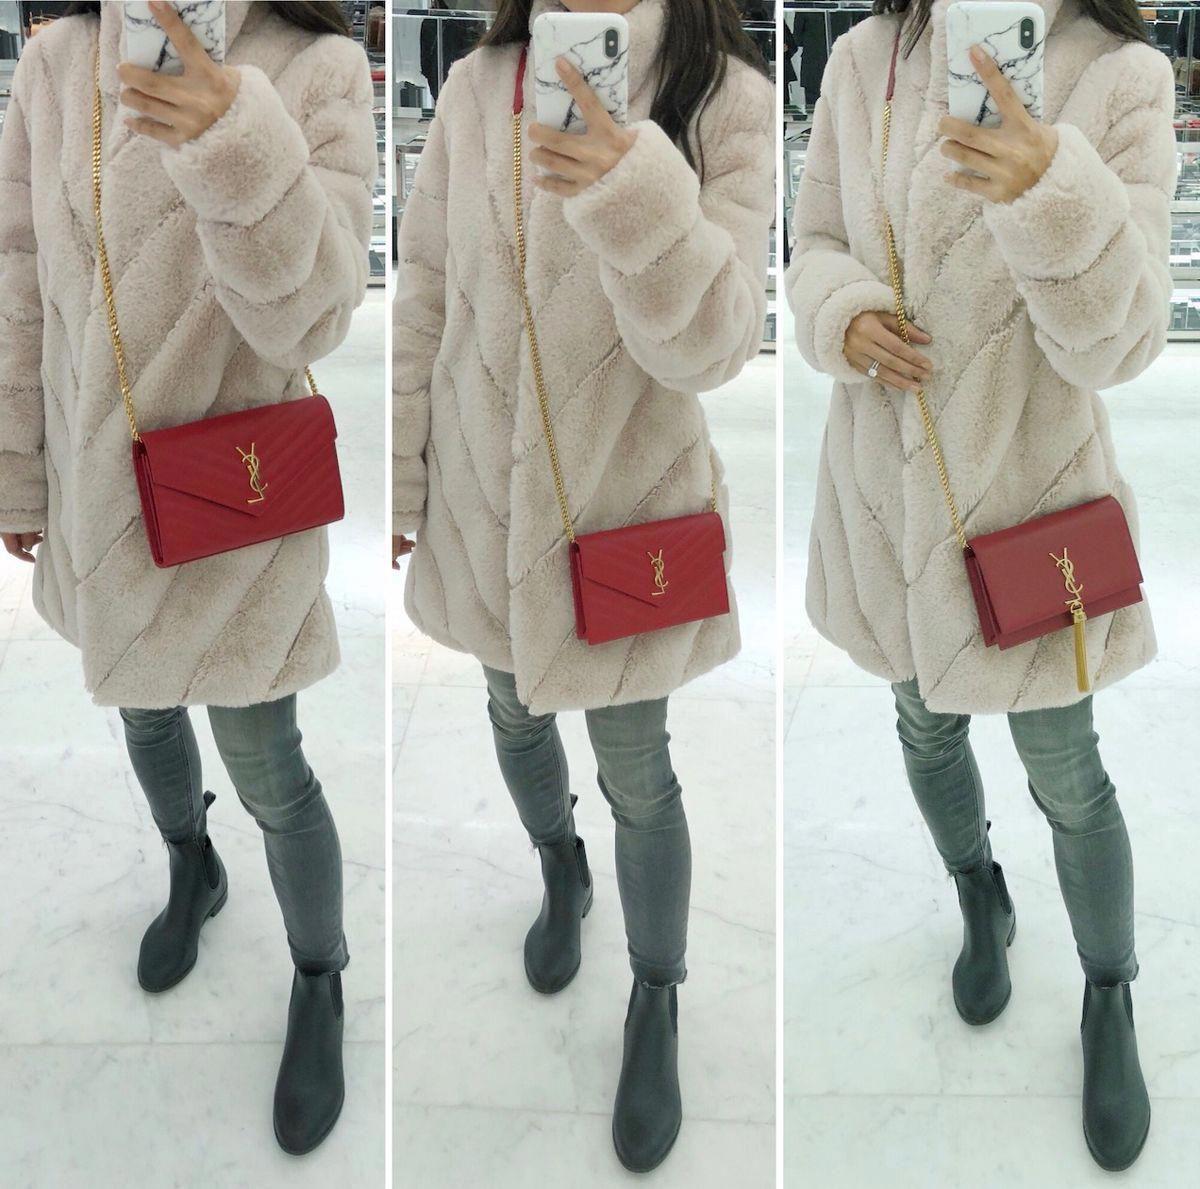 Purse Review    YSL Saint Laurent wallet on chain + kate tassel bag size  reviews  Designerhandbags e09f15851f7c6